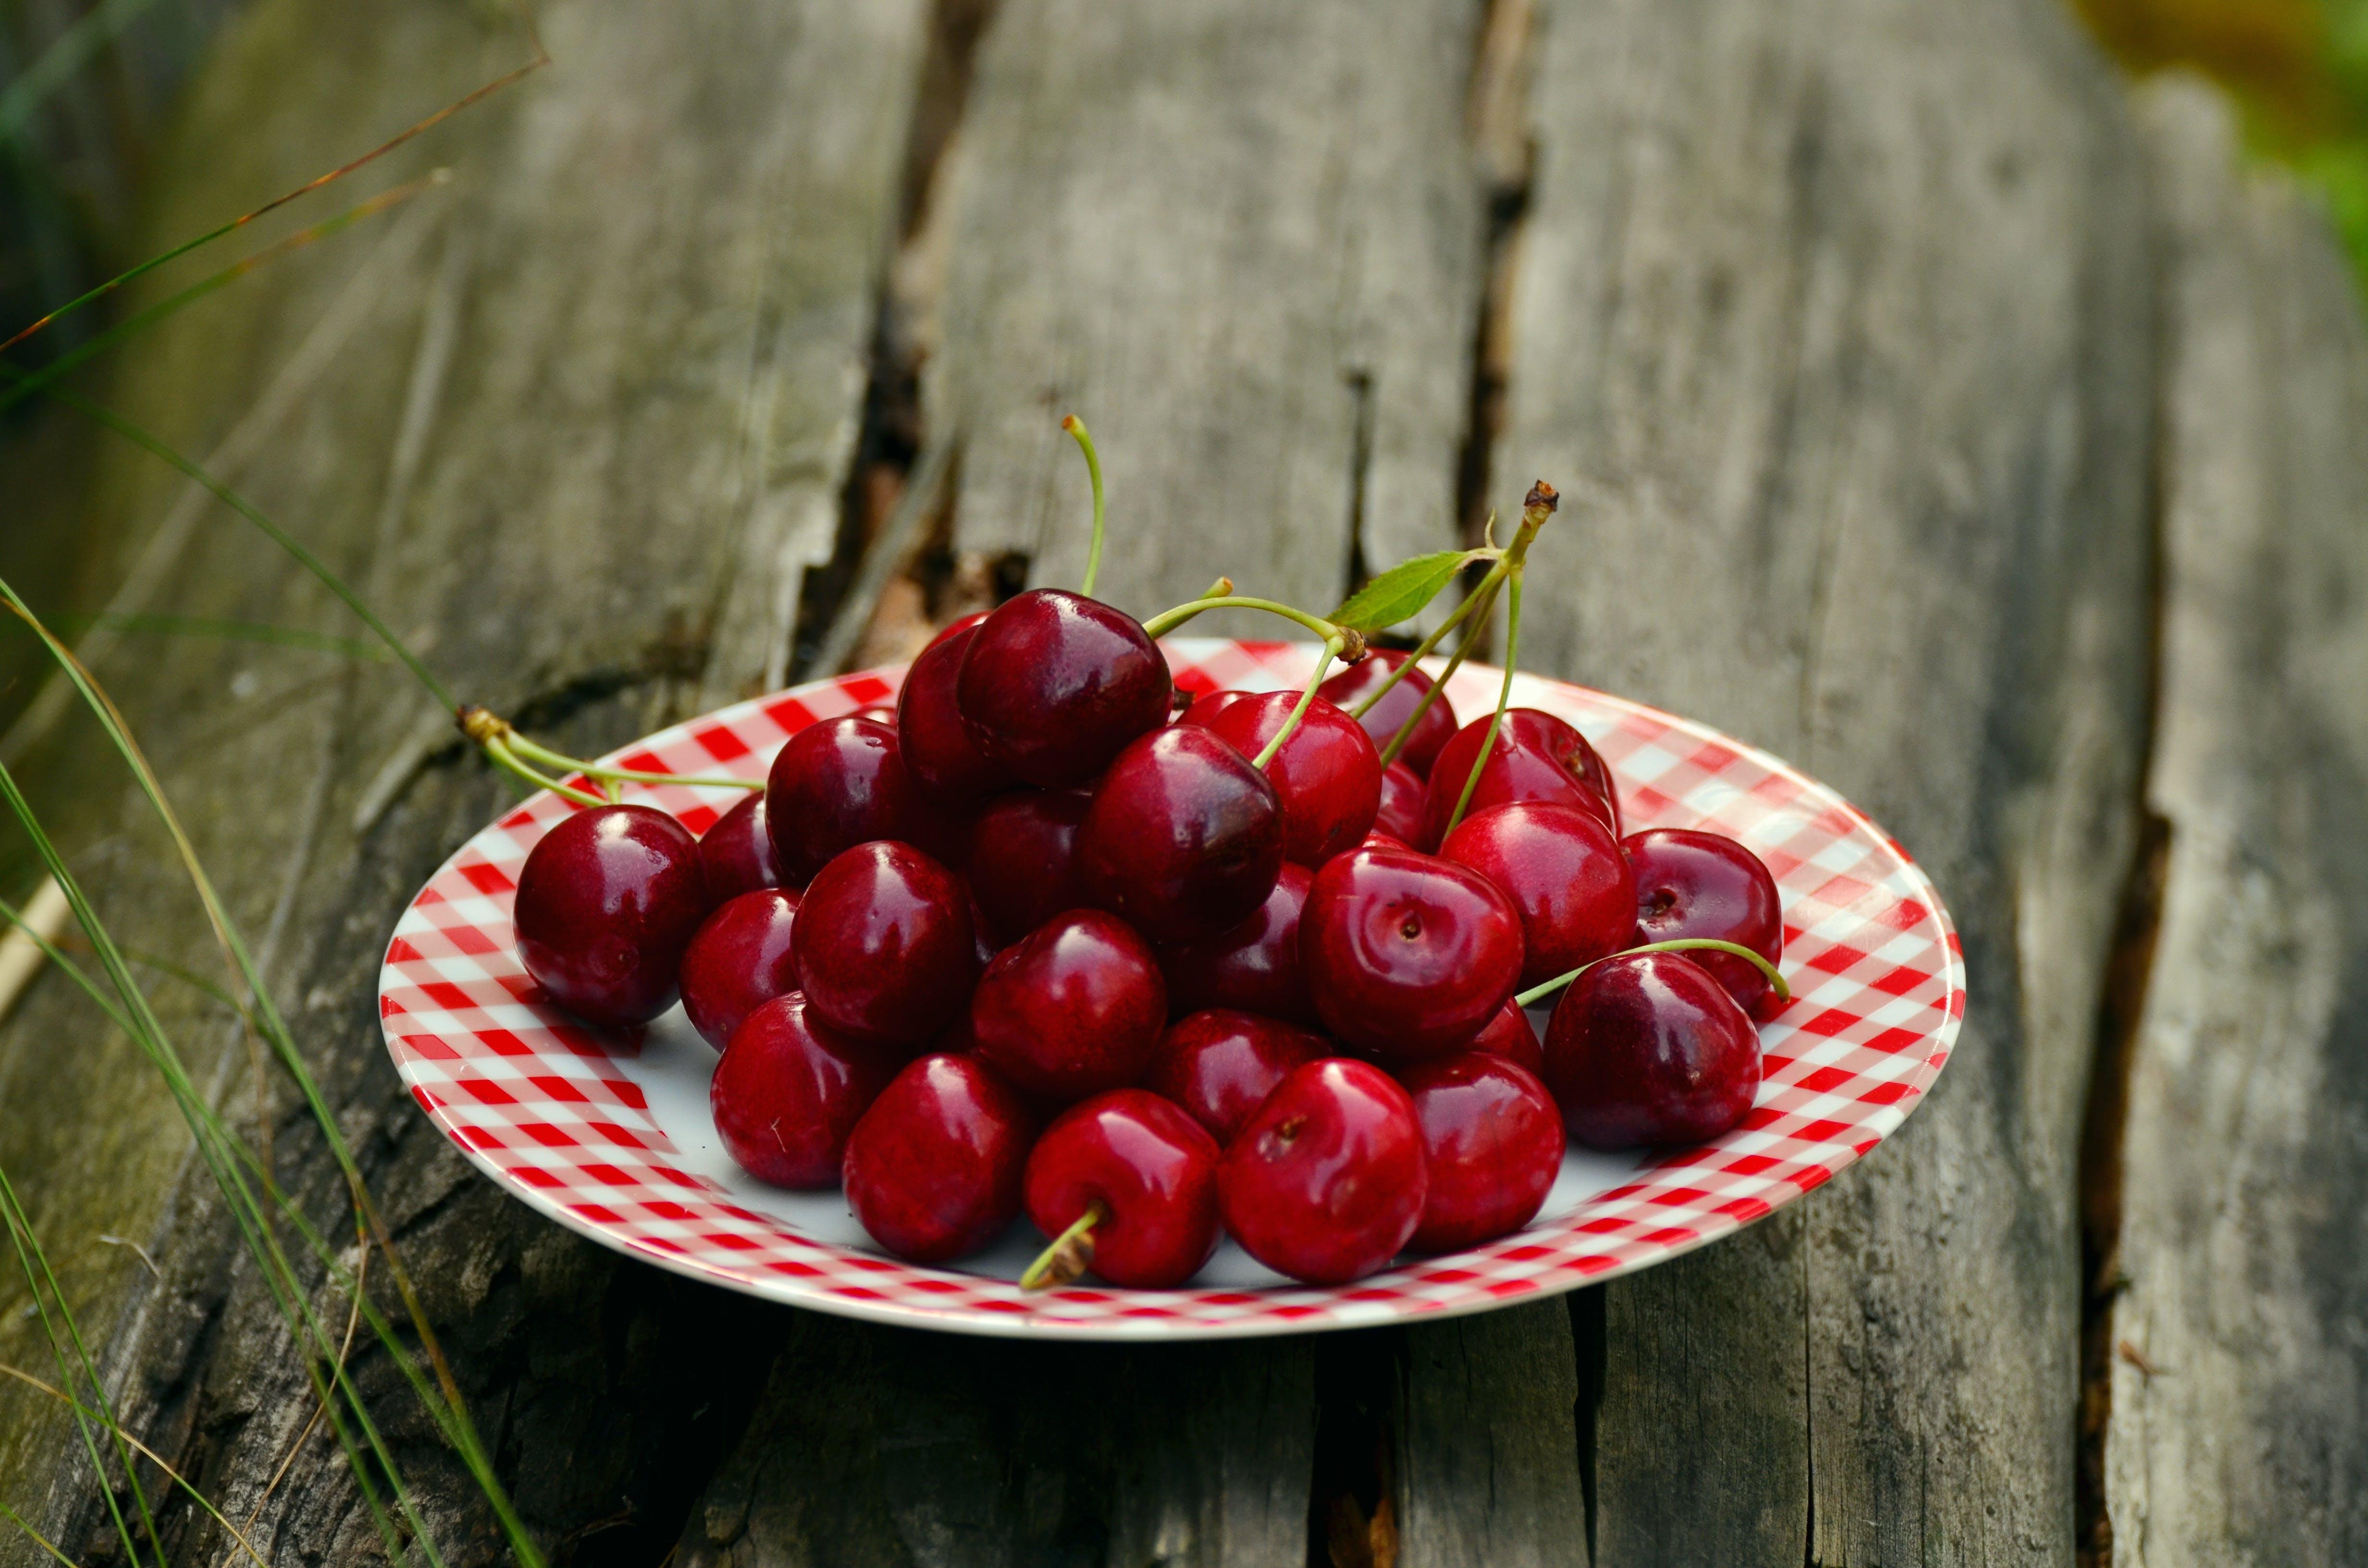 Δωρεάν στοκ φωτογραφιών με γευστικός, γκρο πλαν, γλυκό κεράσι, καλοκαίρι